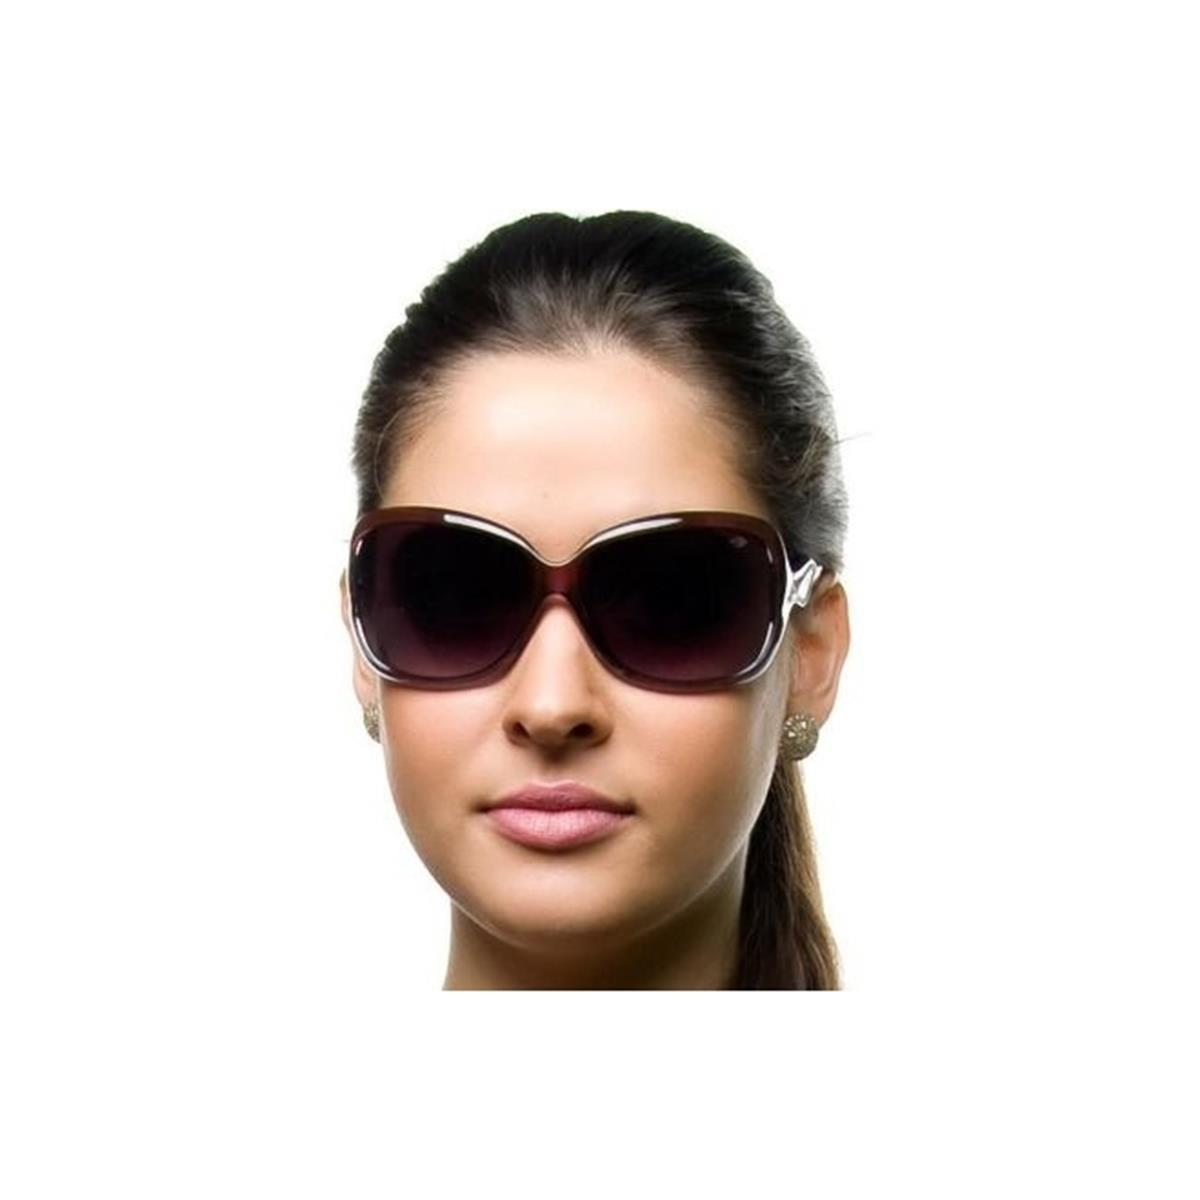 571bbe43e044b Óculos de Sol Uva Degrade Translucido MARBELLA Mormaii